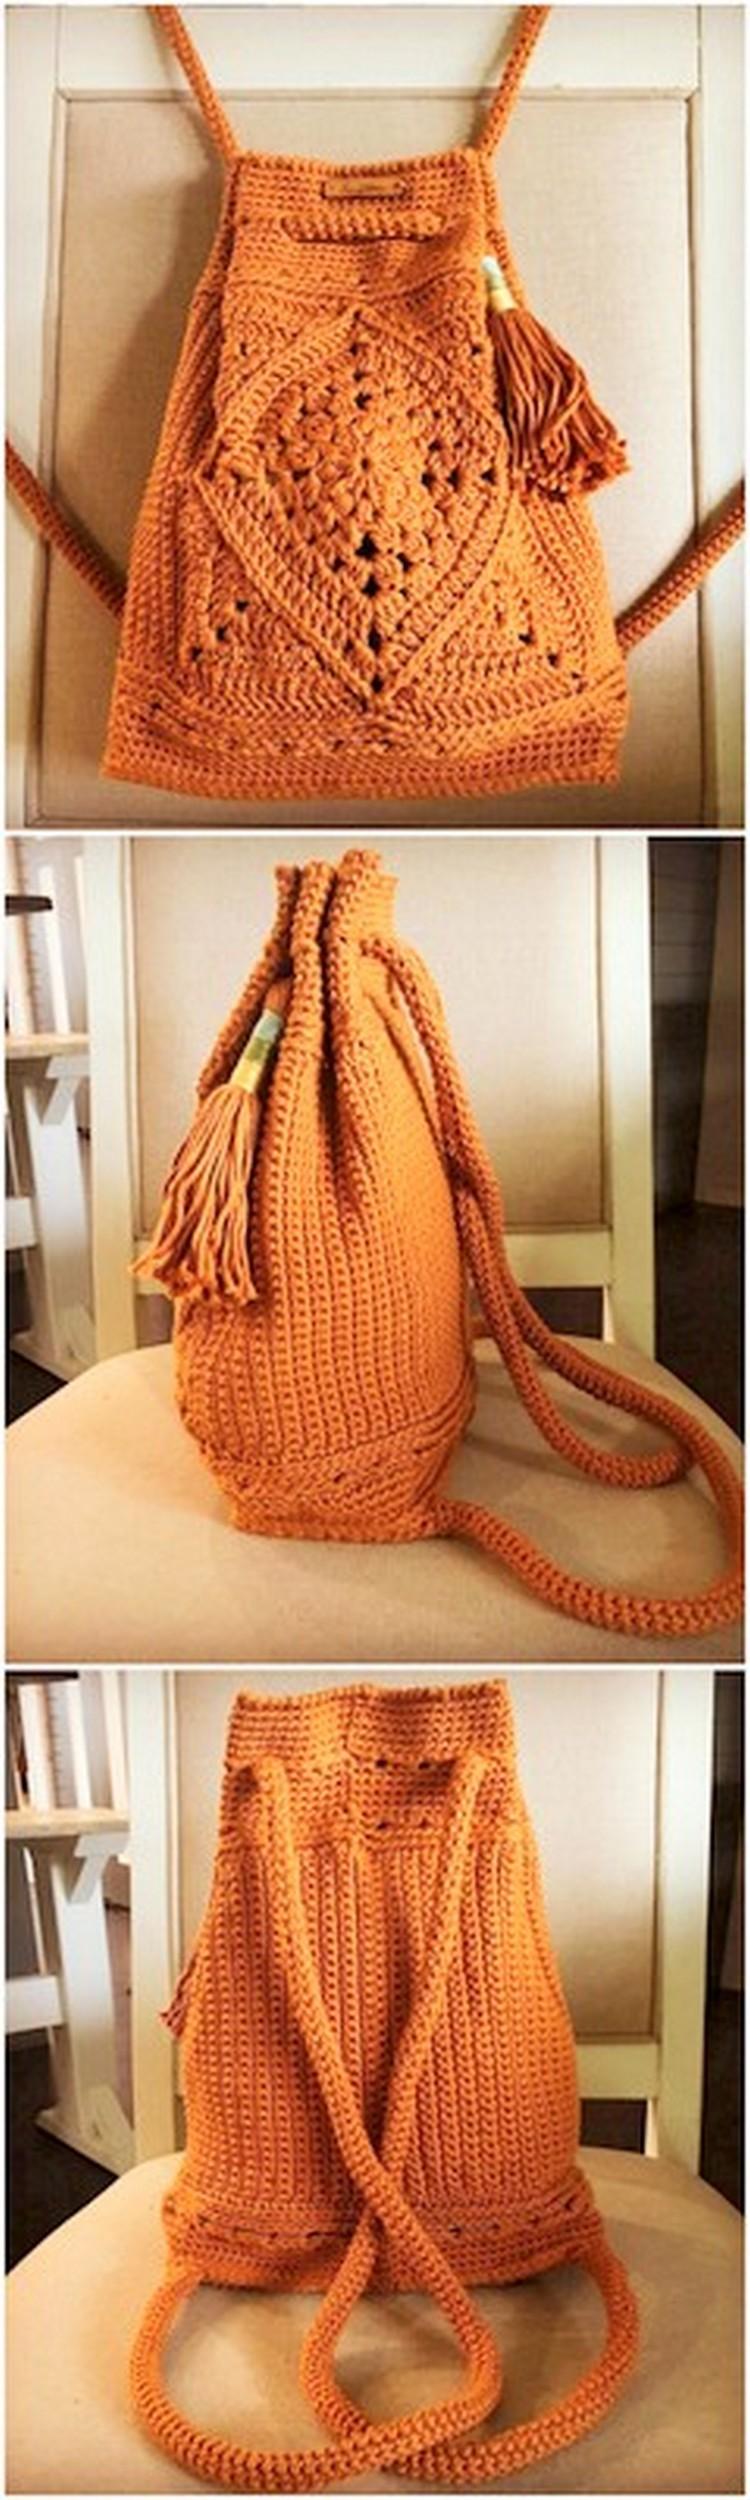 BackPack Free Crochet pattern